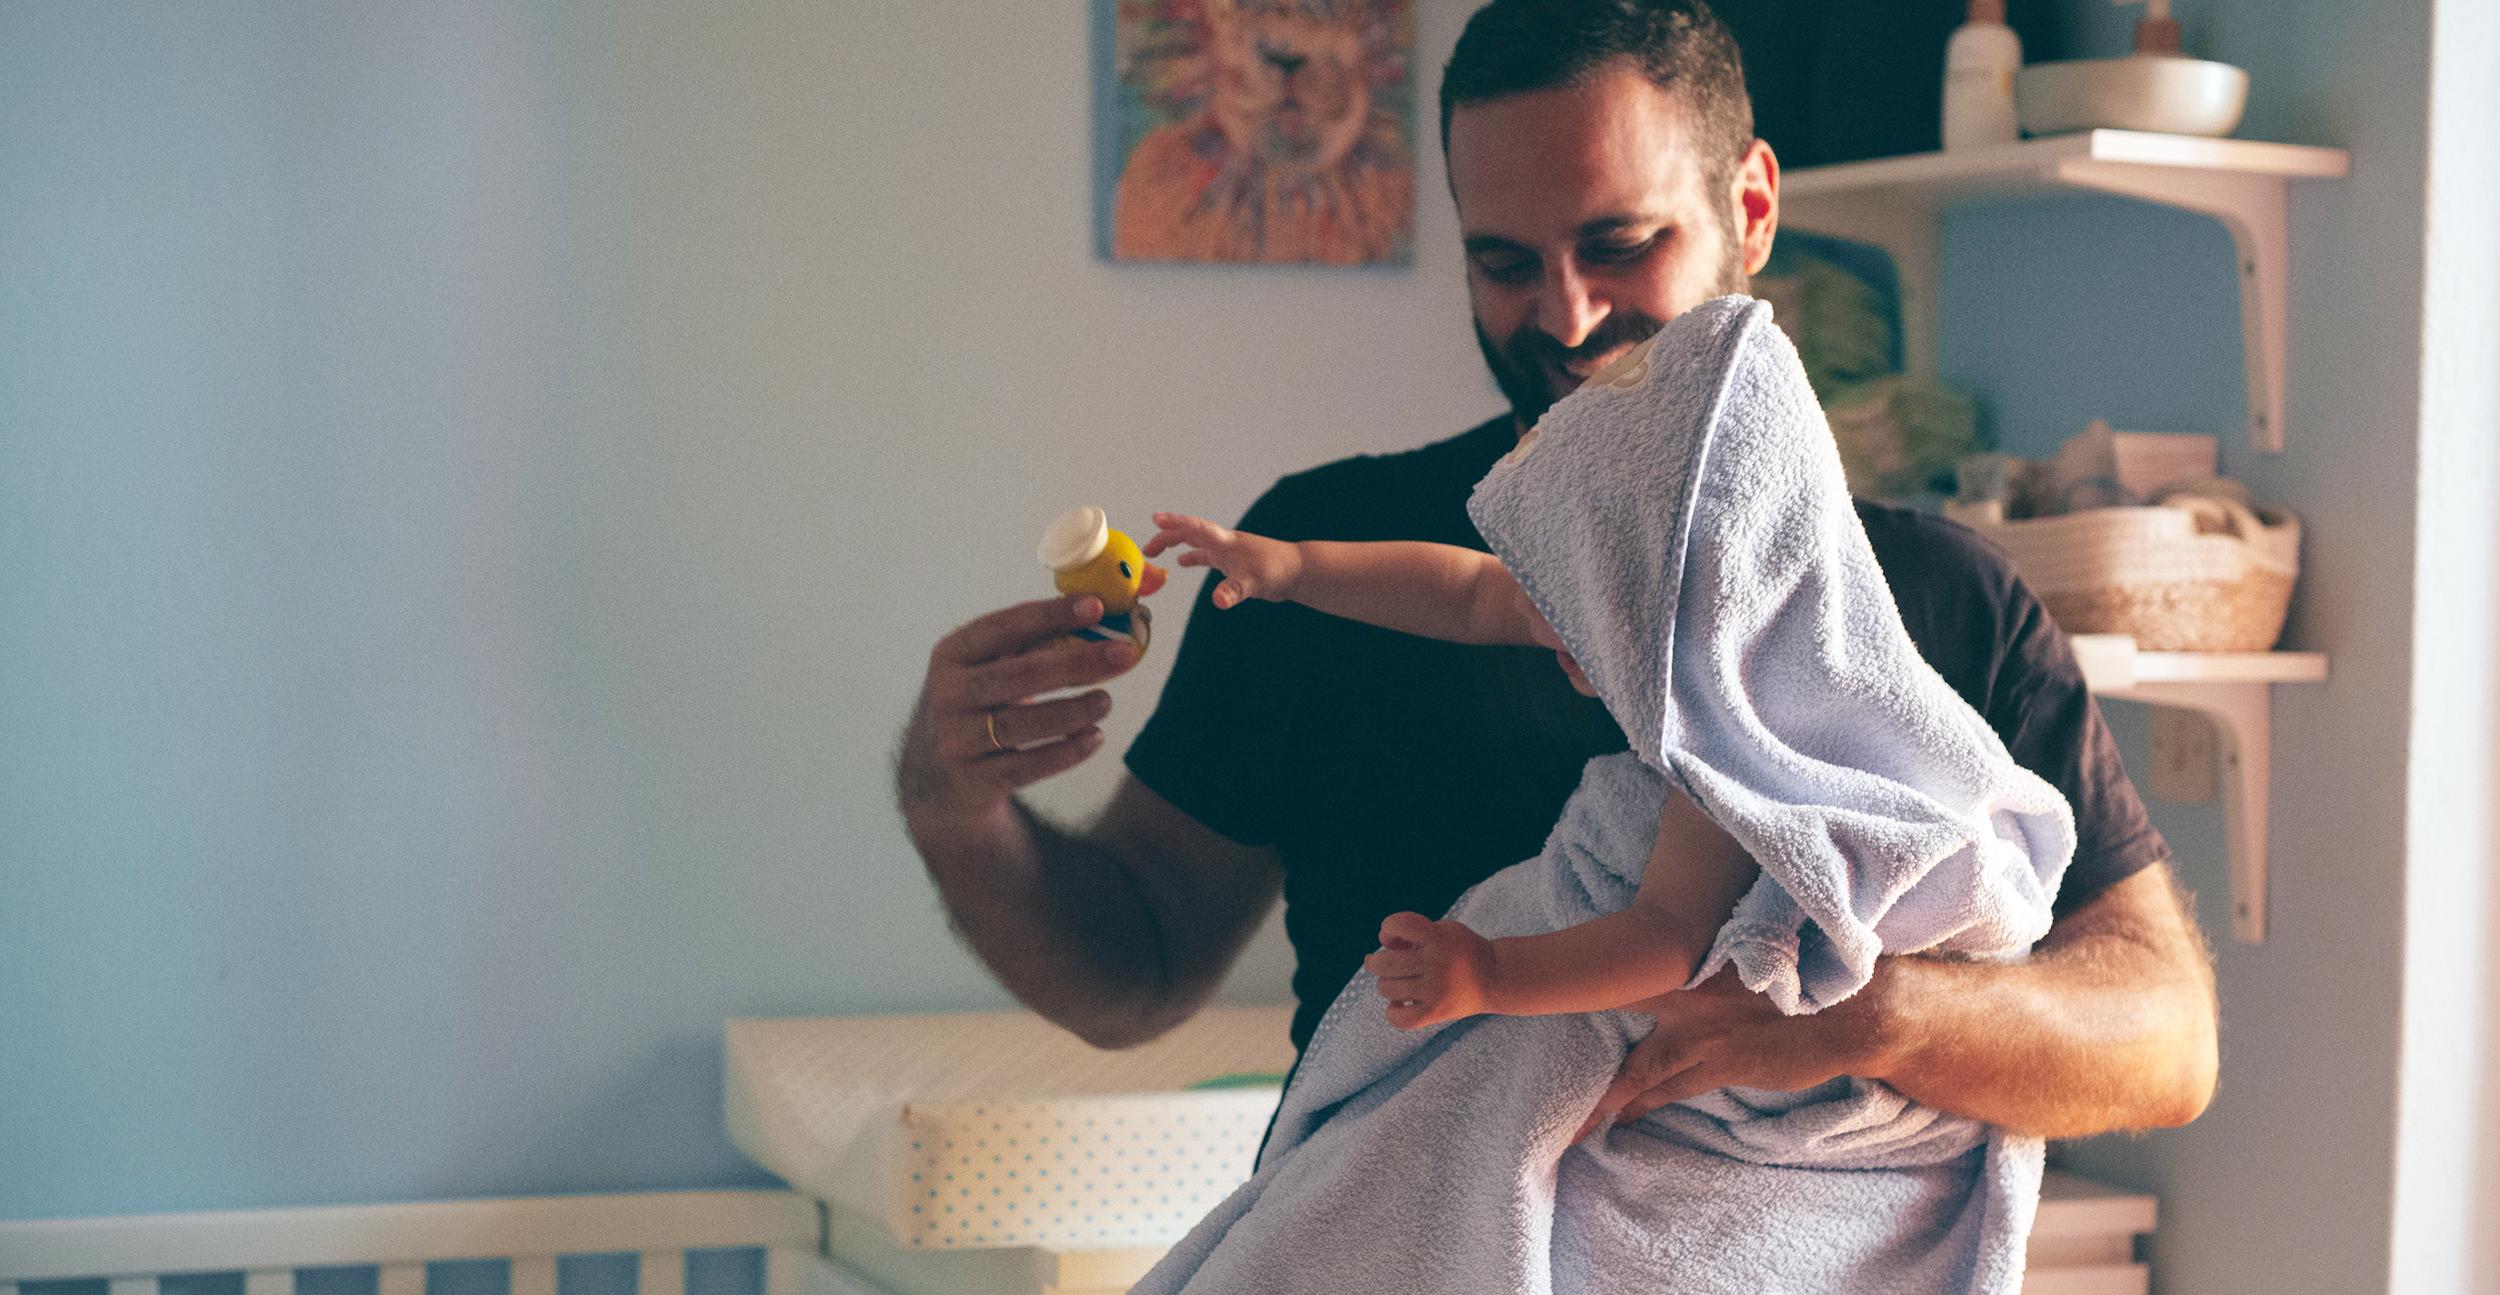 Γιατί οι μπαμπάδες είναι εξπέρ στο να κάνουν μπάνιο τα μικρά